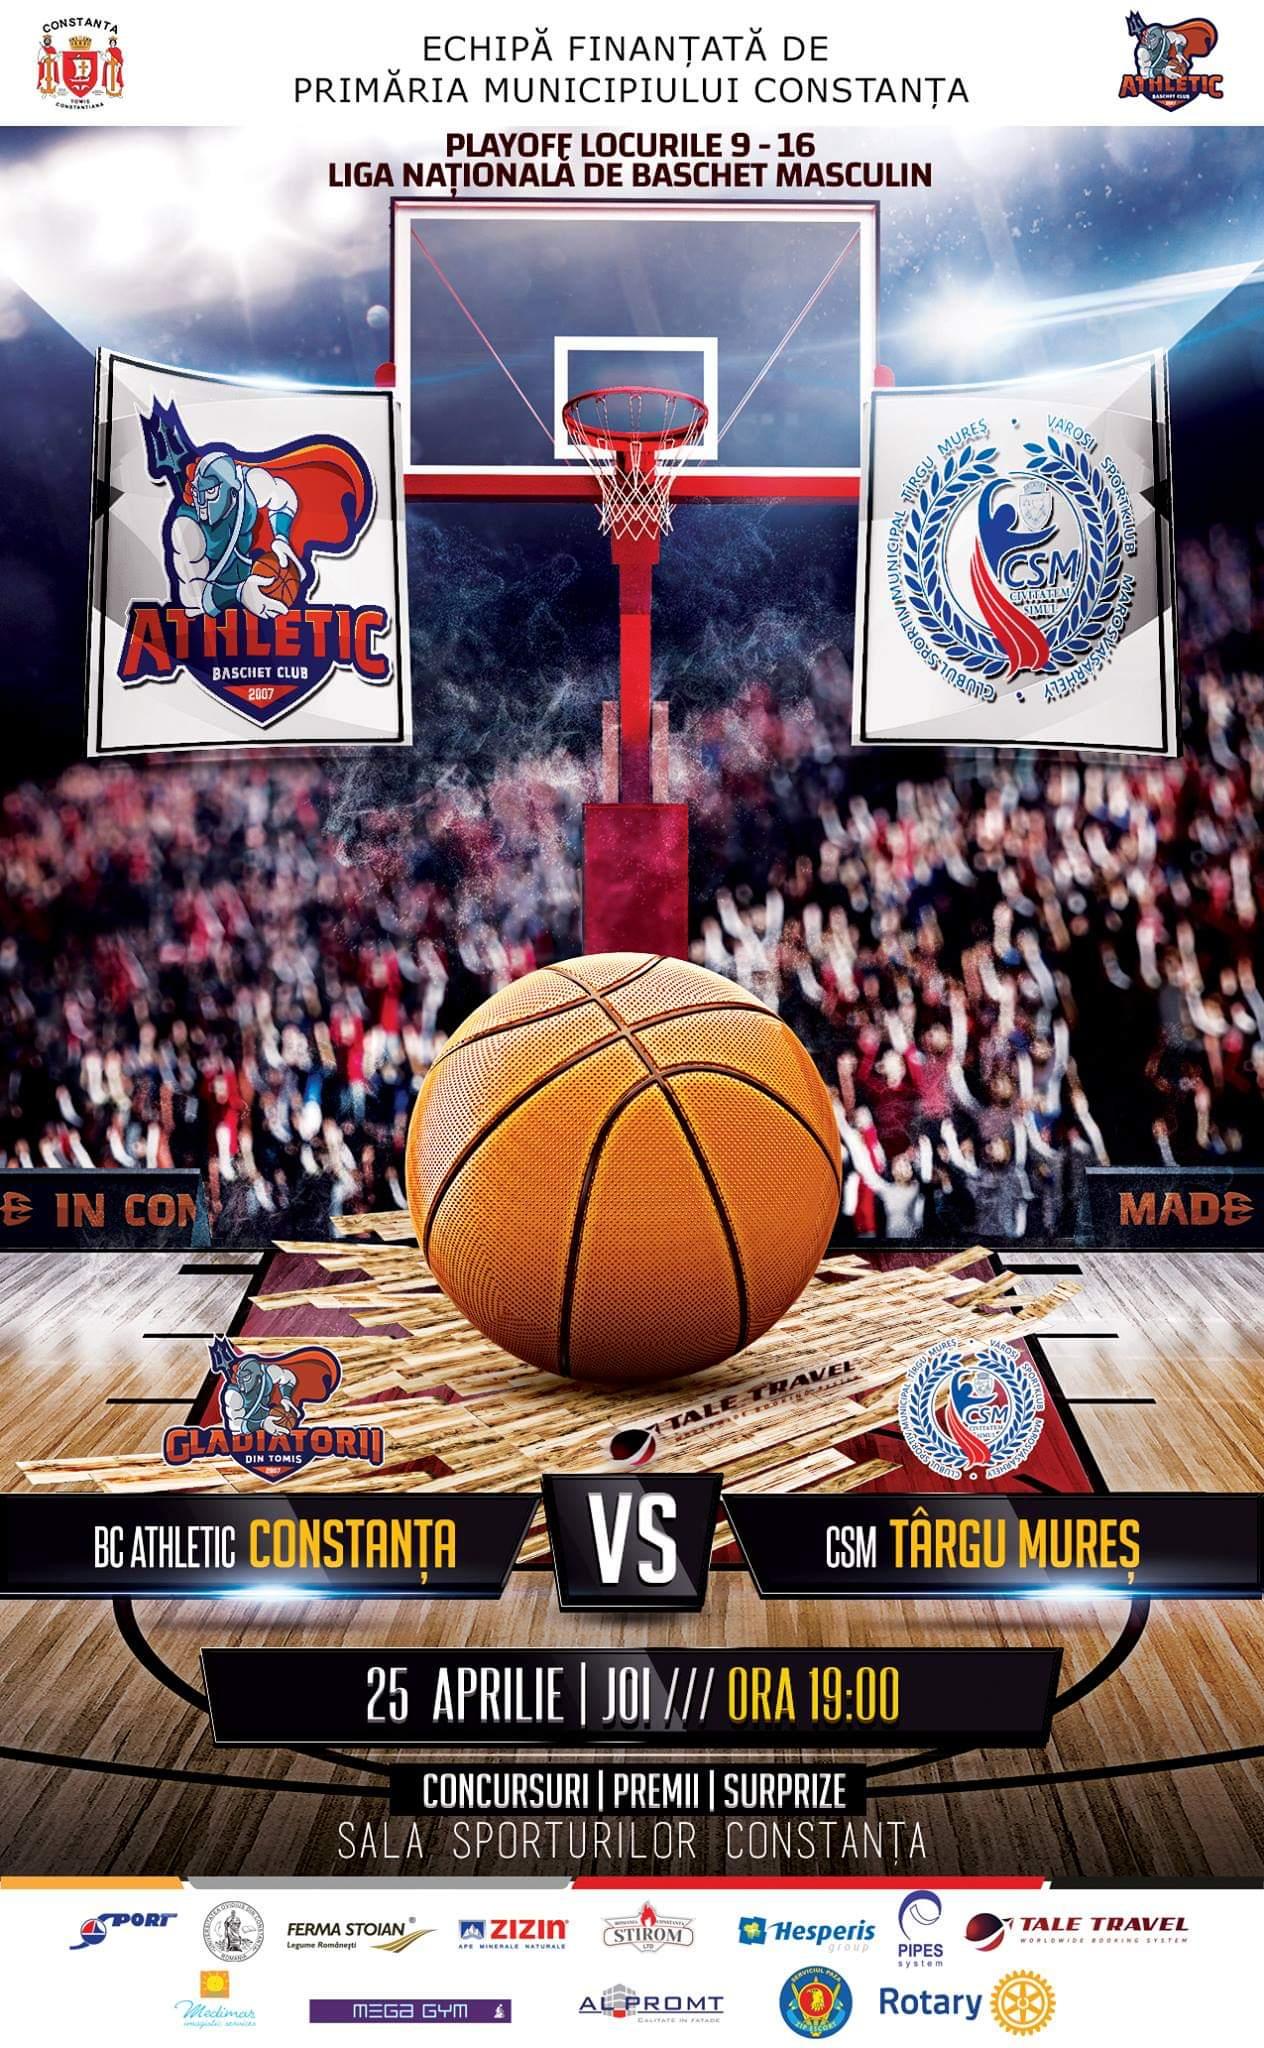 afis BC Athletic Constanta vs. CSM Targu Mures 25.04.2019